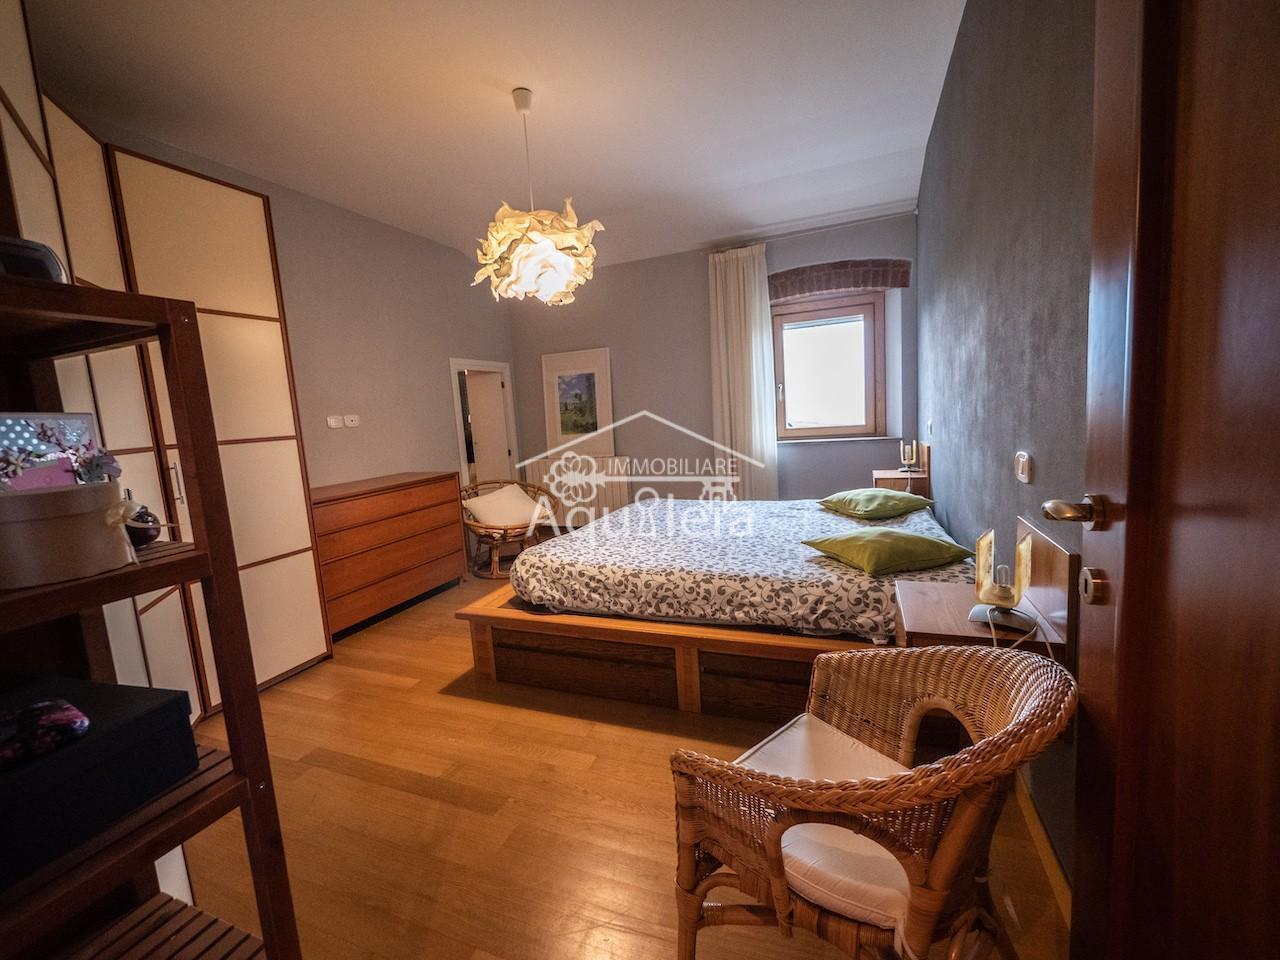 Appartamento in vendita, rif. AQ 1522